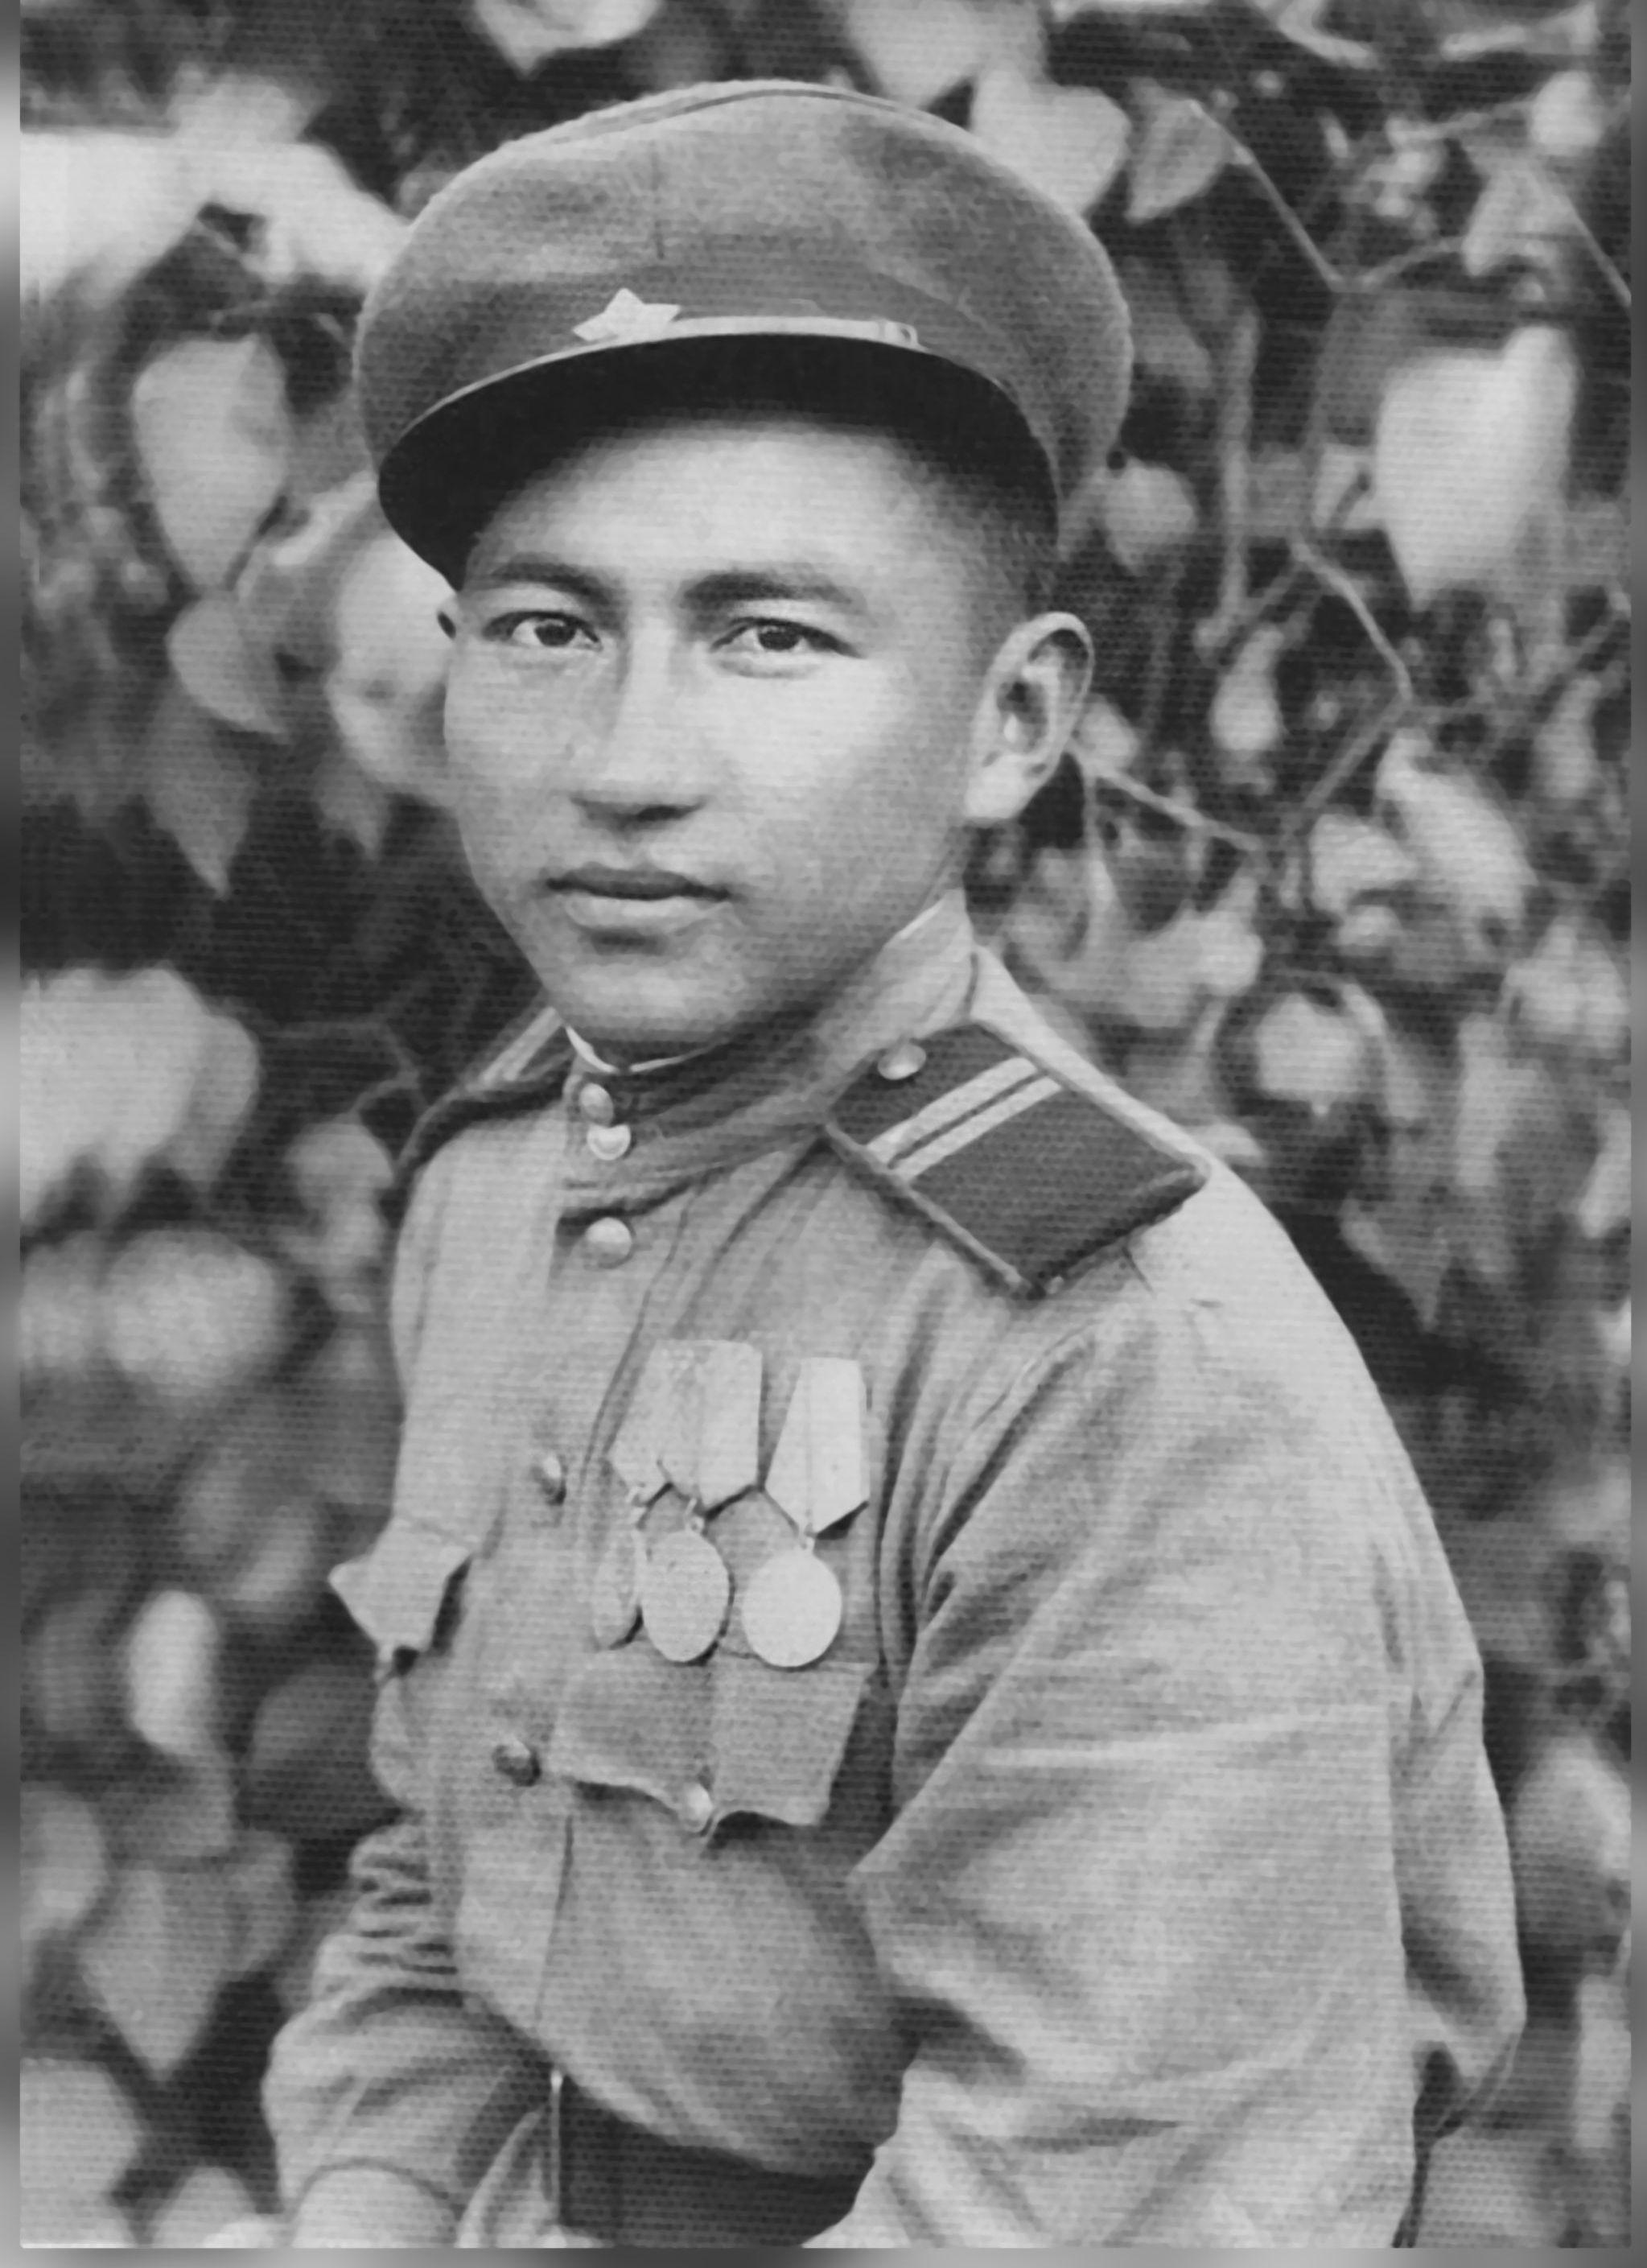 Ветеран Великой Отечественной войны Макай Усупов в Восточной Пруссии в 1945 году.